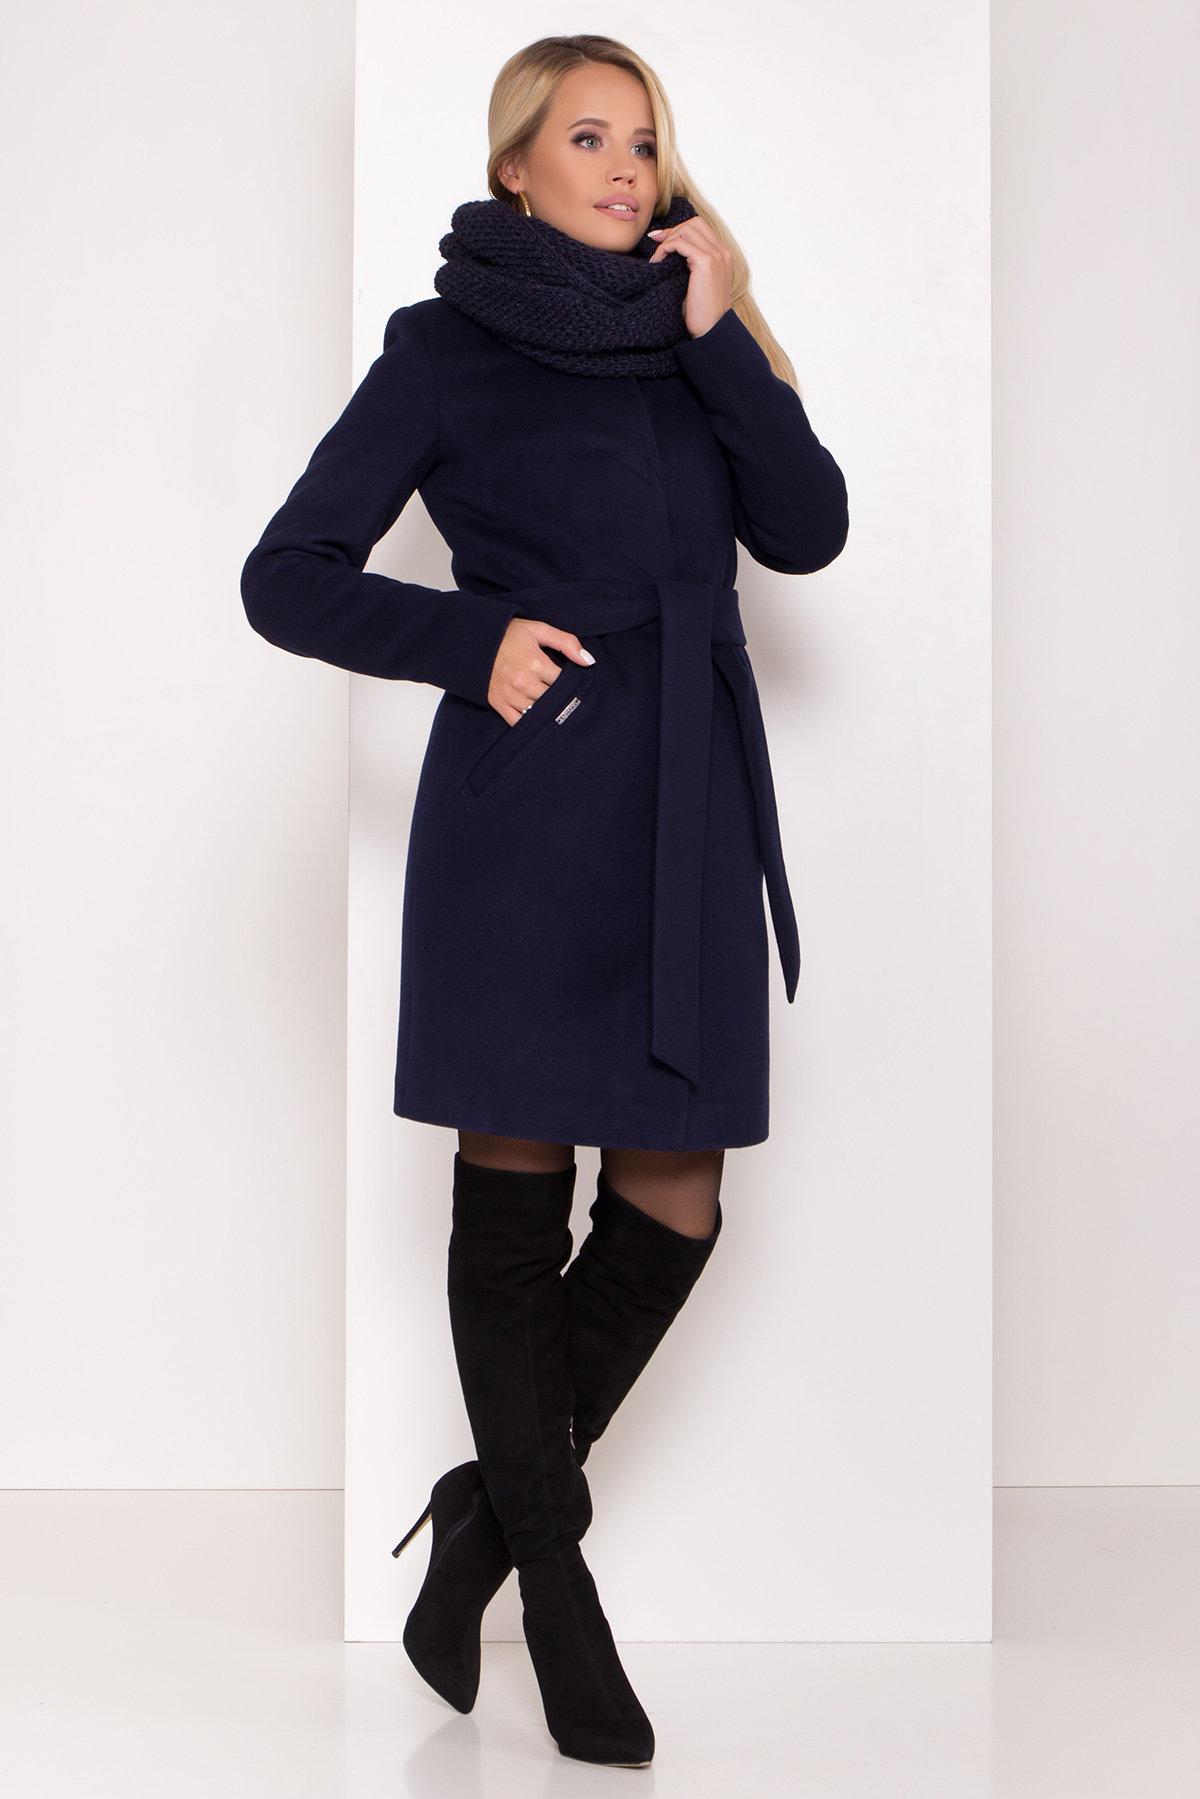 Пальто зима с хомутом Люцея 8211 АРТ. 44224 Цвет: Т.синий Н-14 - фото 17, интернет магазин tm-modus.ru